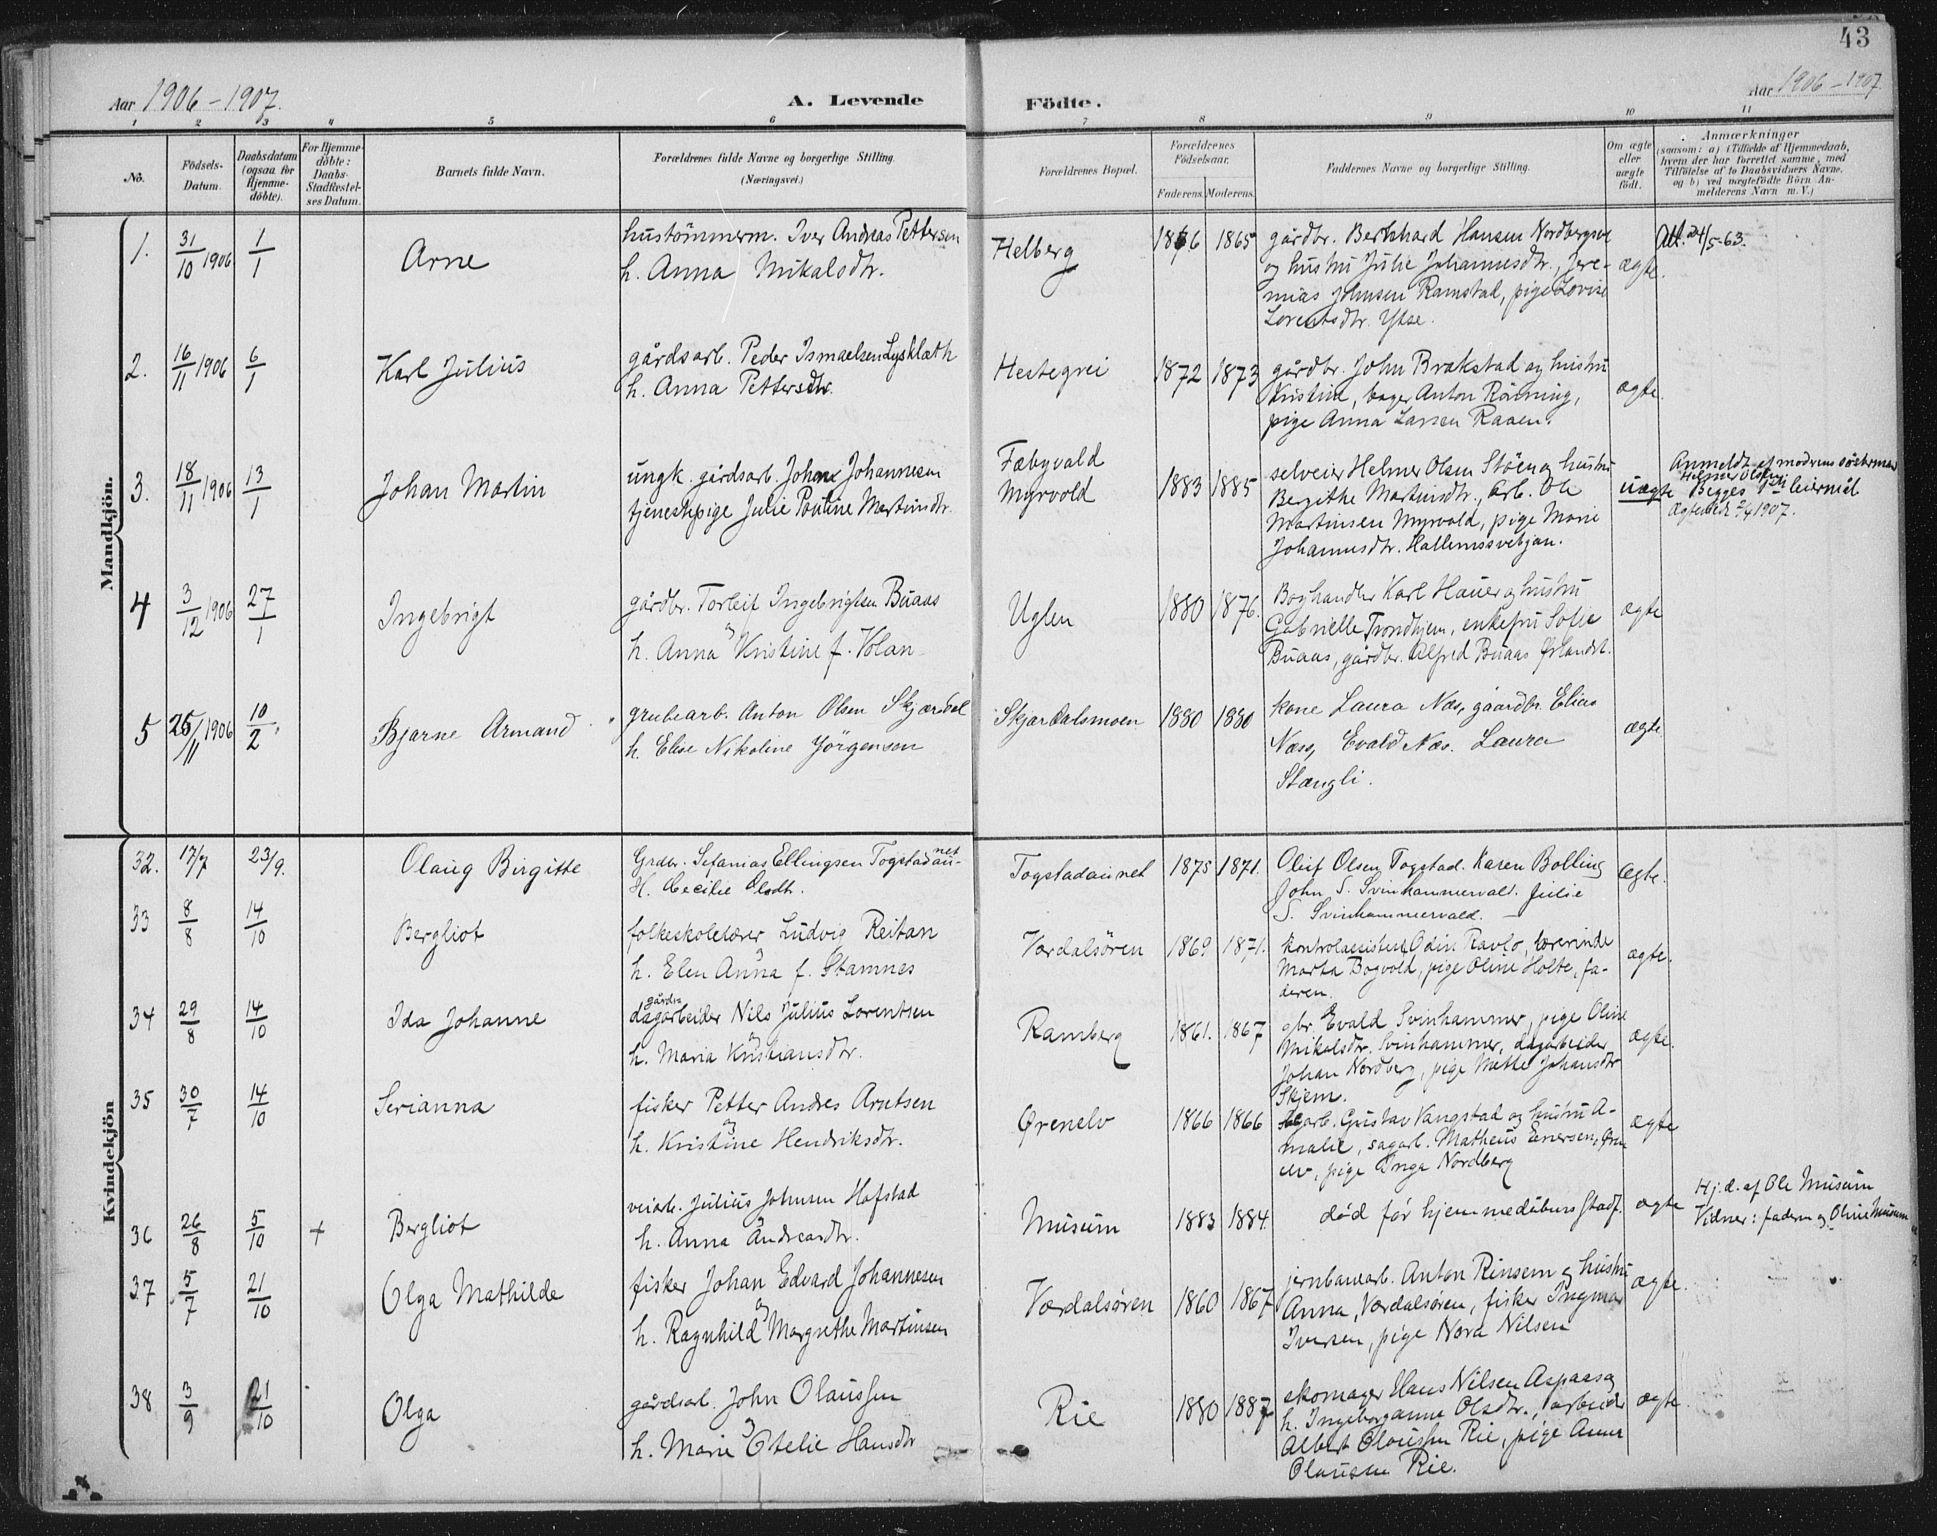 SAT, Ministerialprotokoller, klokkerbøker og fødselsregistre - Nord-Trøndelag, 723/L0246: Ministerialbok nr. 723A15, 1900-1917, s. 43